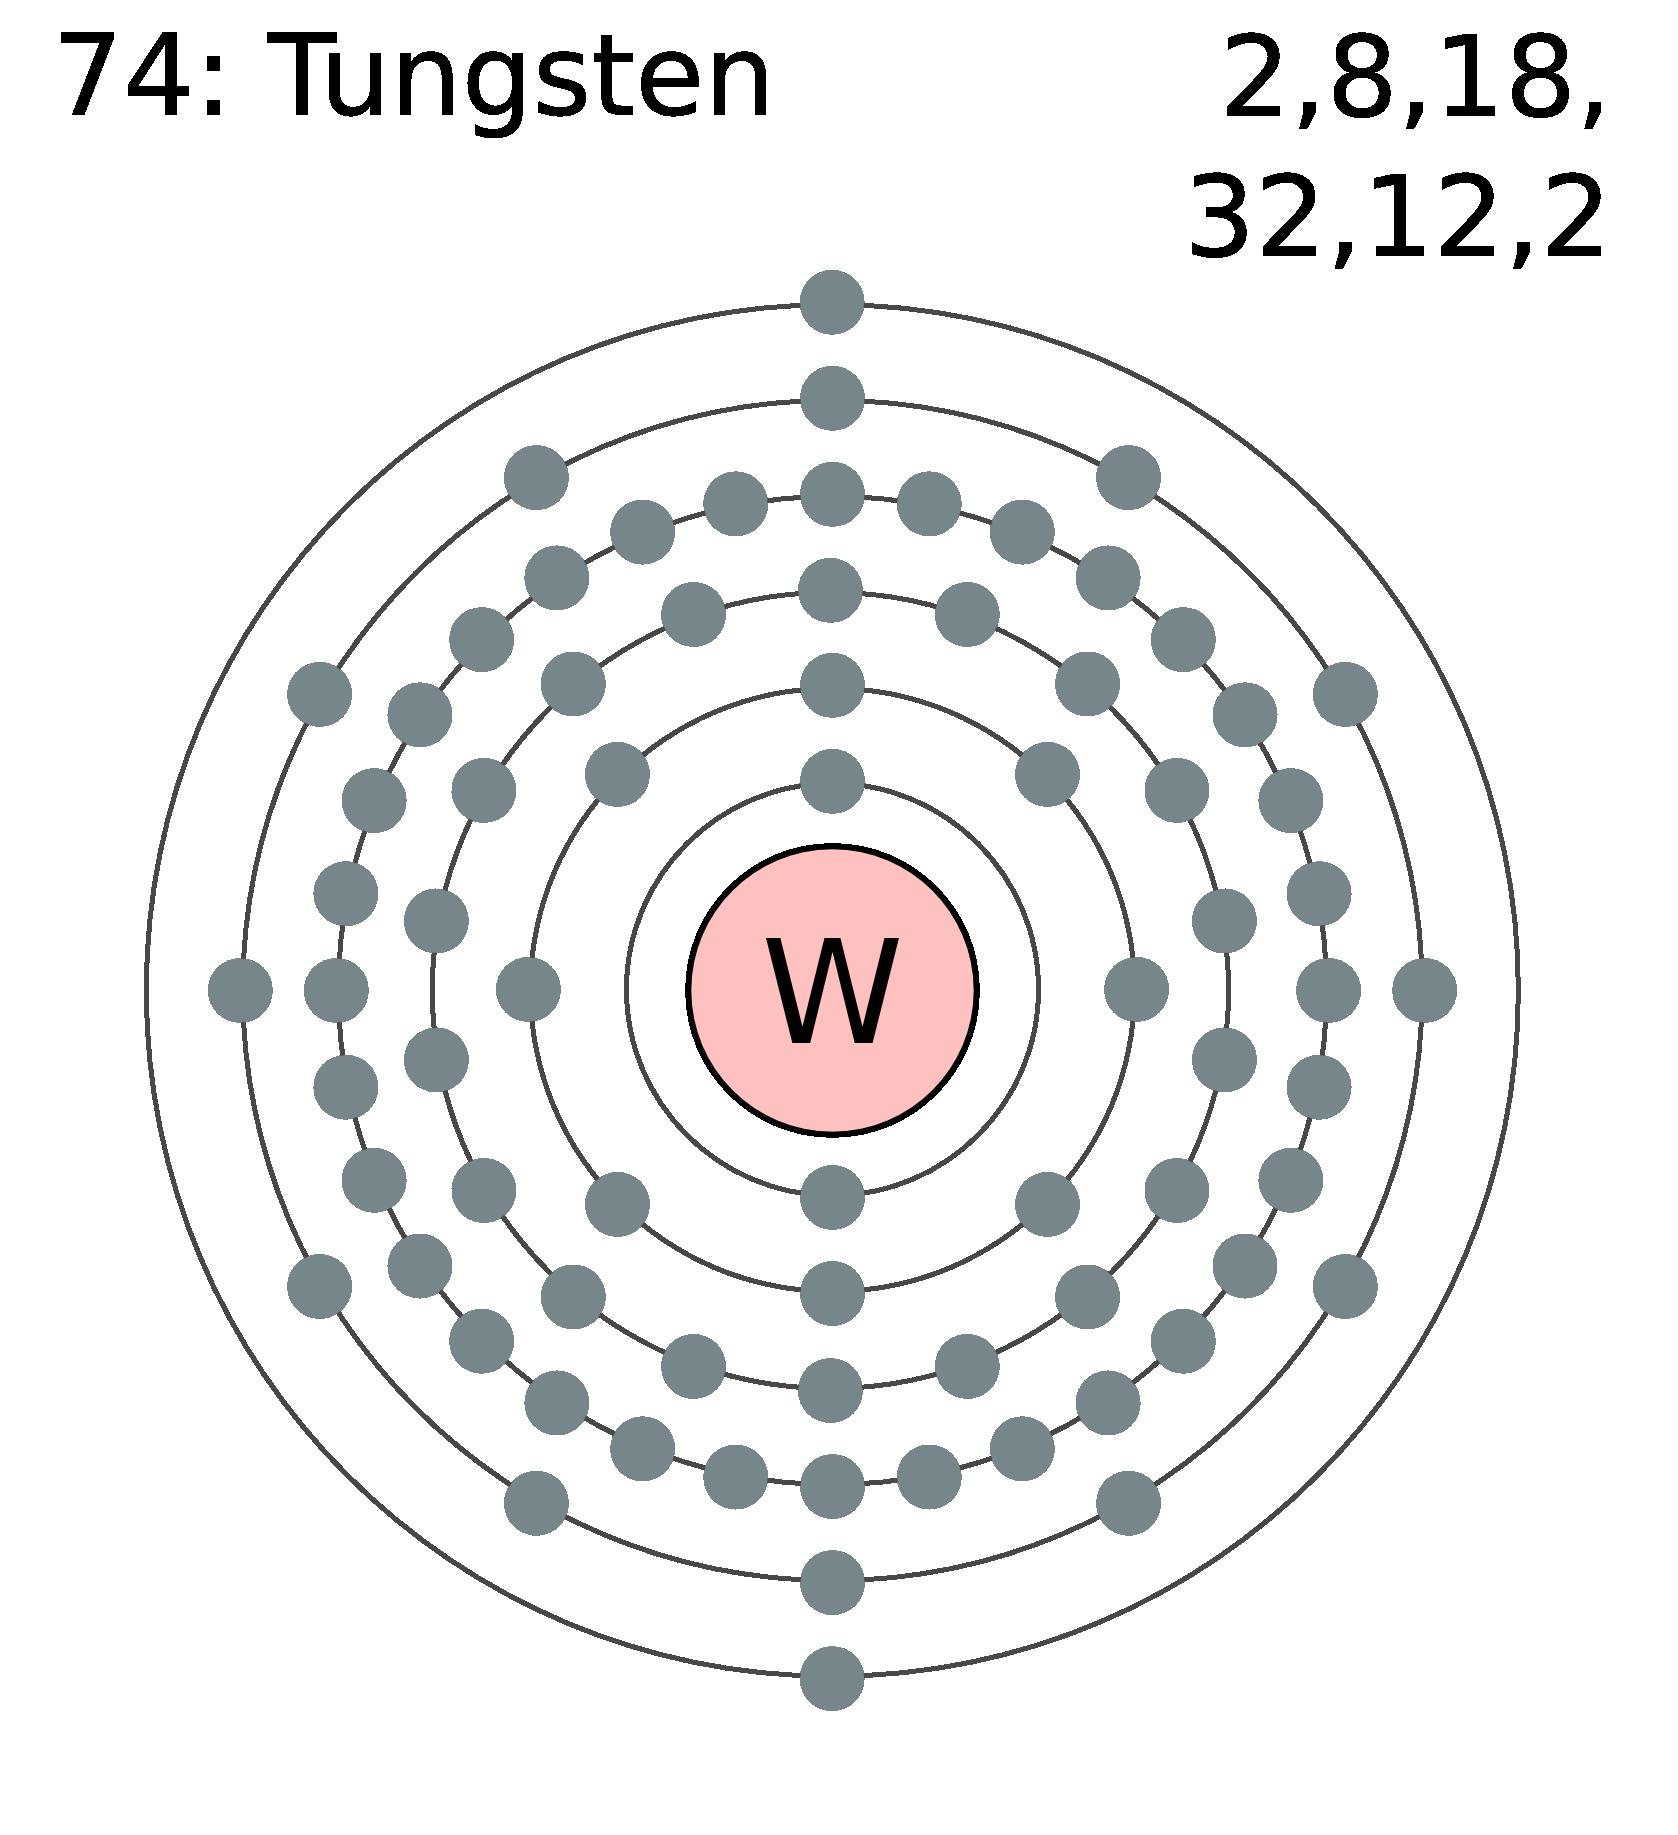 Fileelectron shell 074 tungsteng wikimedia commons fileelectron shell 074 tungsteng urtaz Choice Image